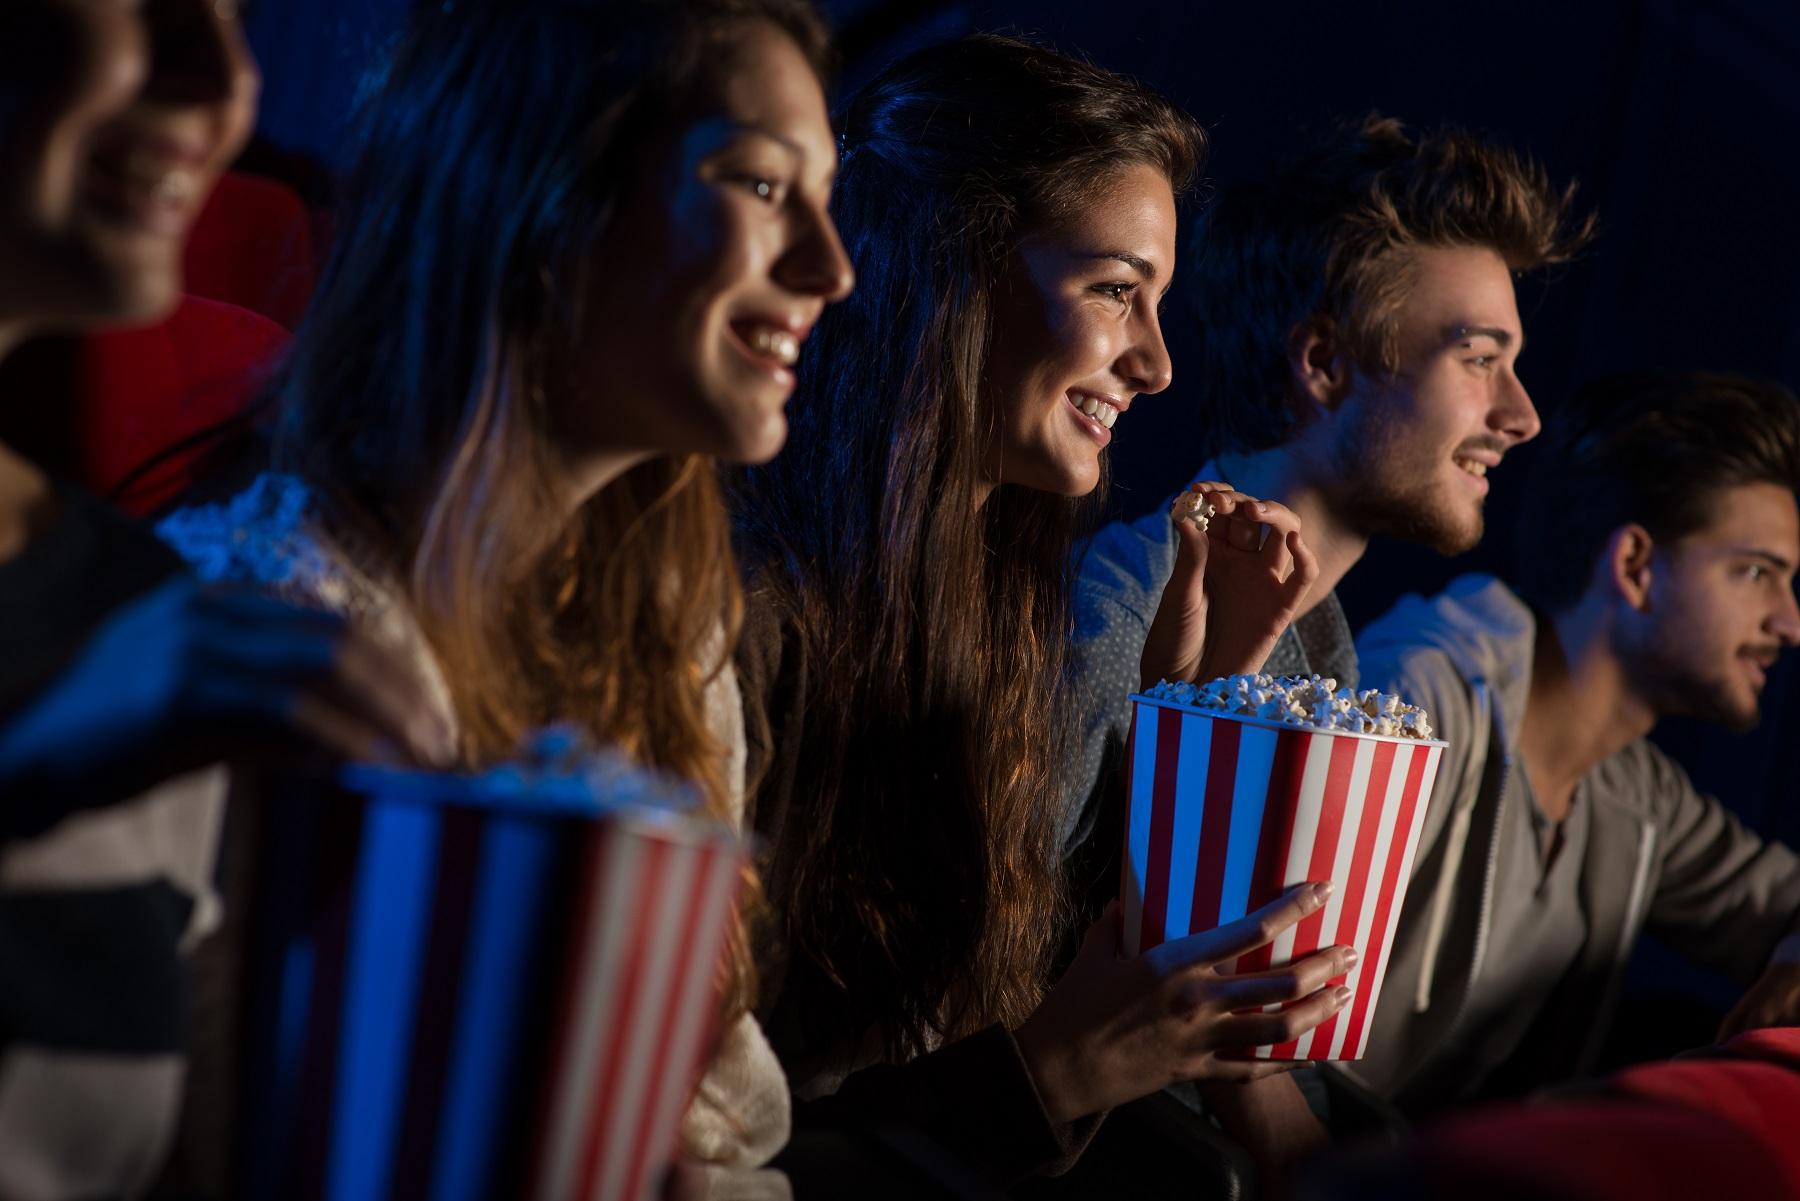 Jak się ubrać na wyjście do kina?